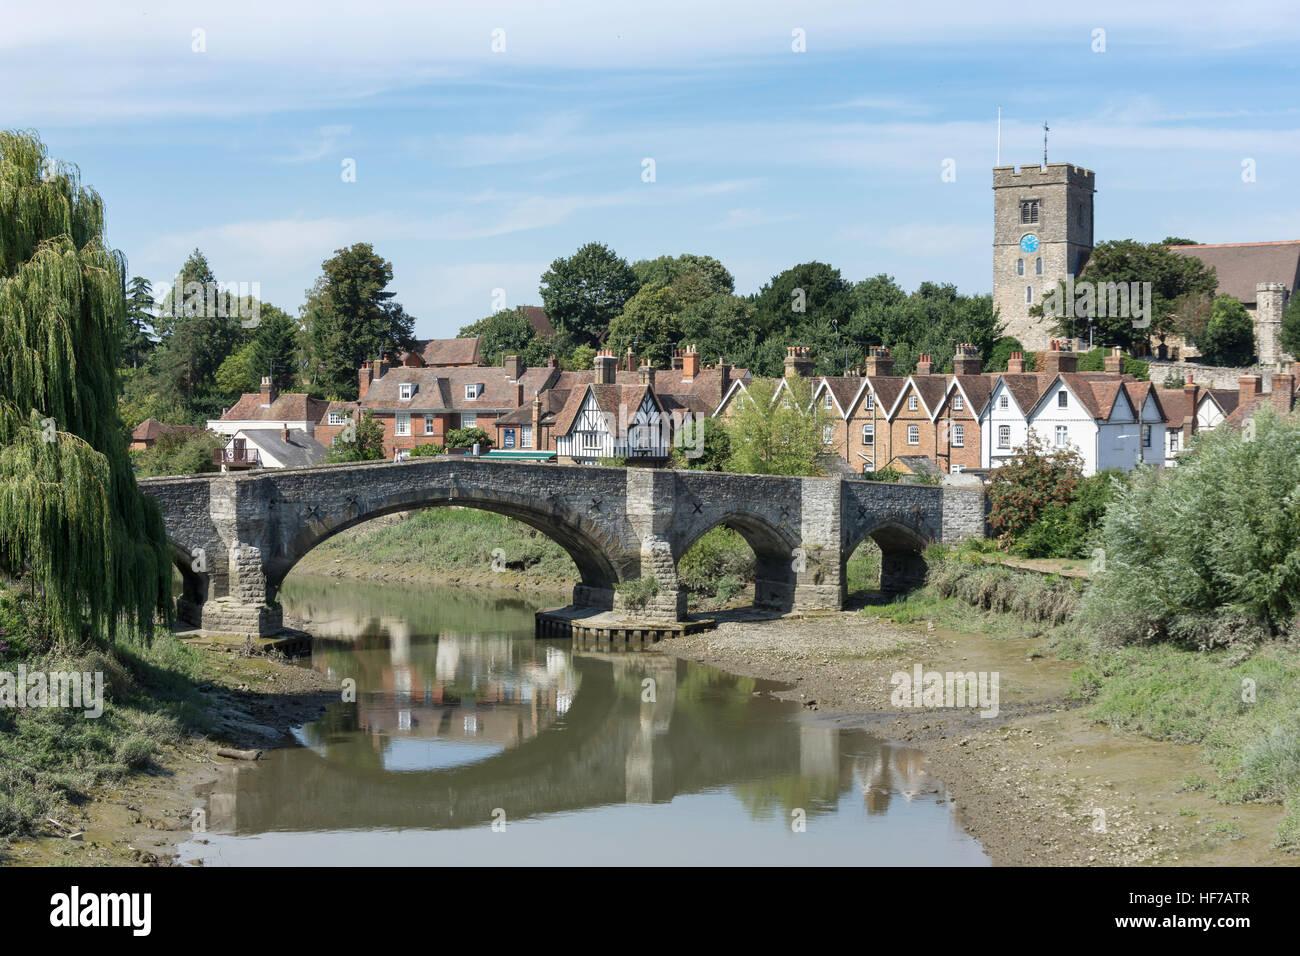 Vista villaggio sul fiume Medway, Aylesford, Kent, England, Regno Unito Immagini Stock